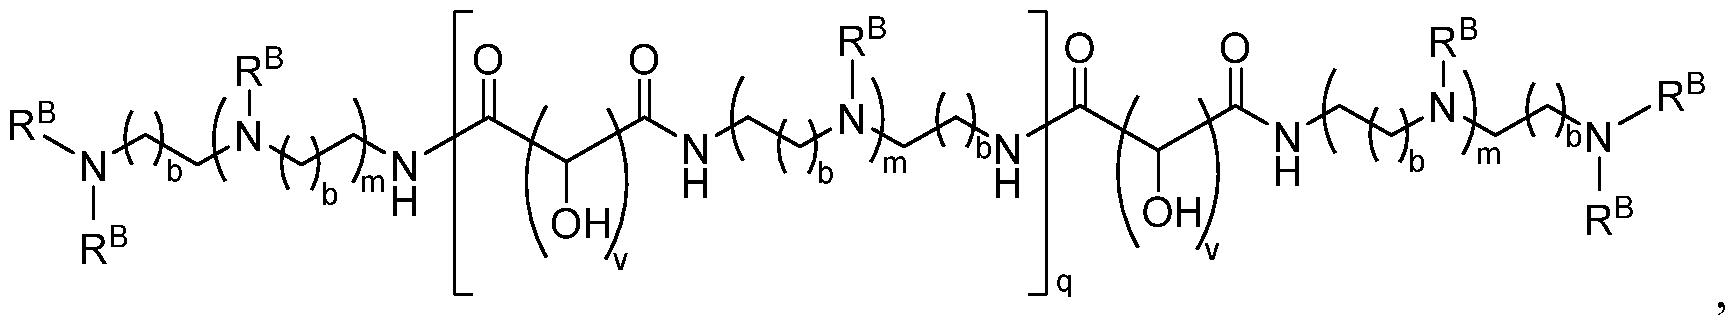 Figure imgf000221_0003